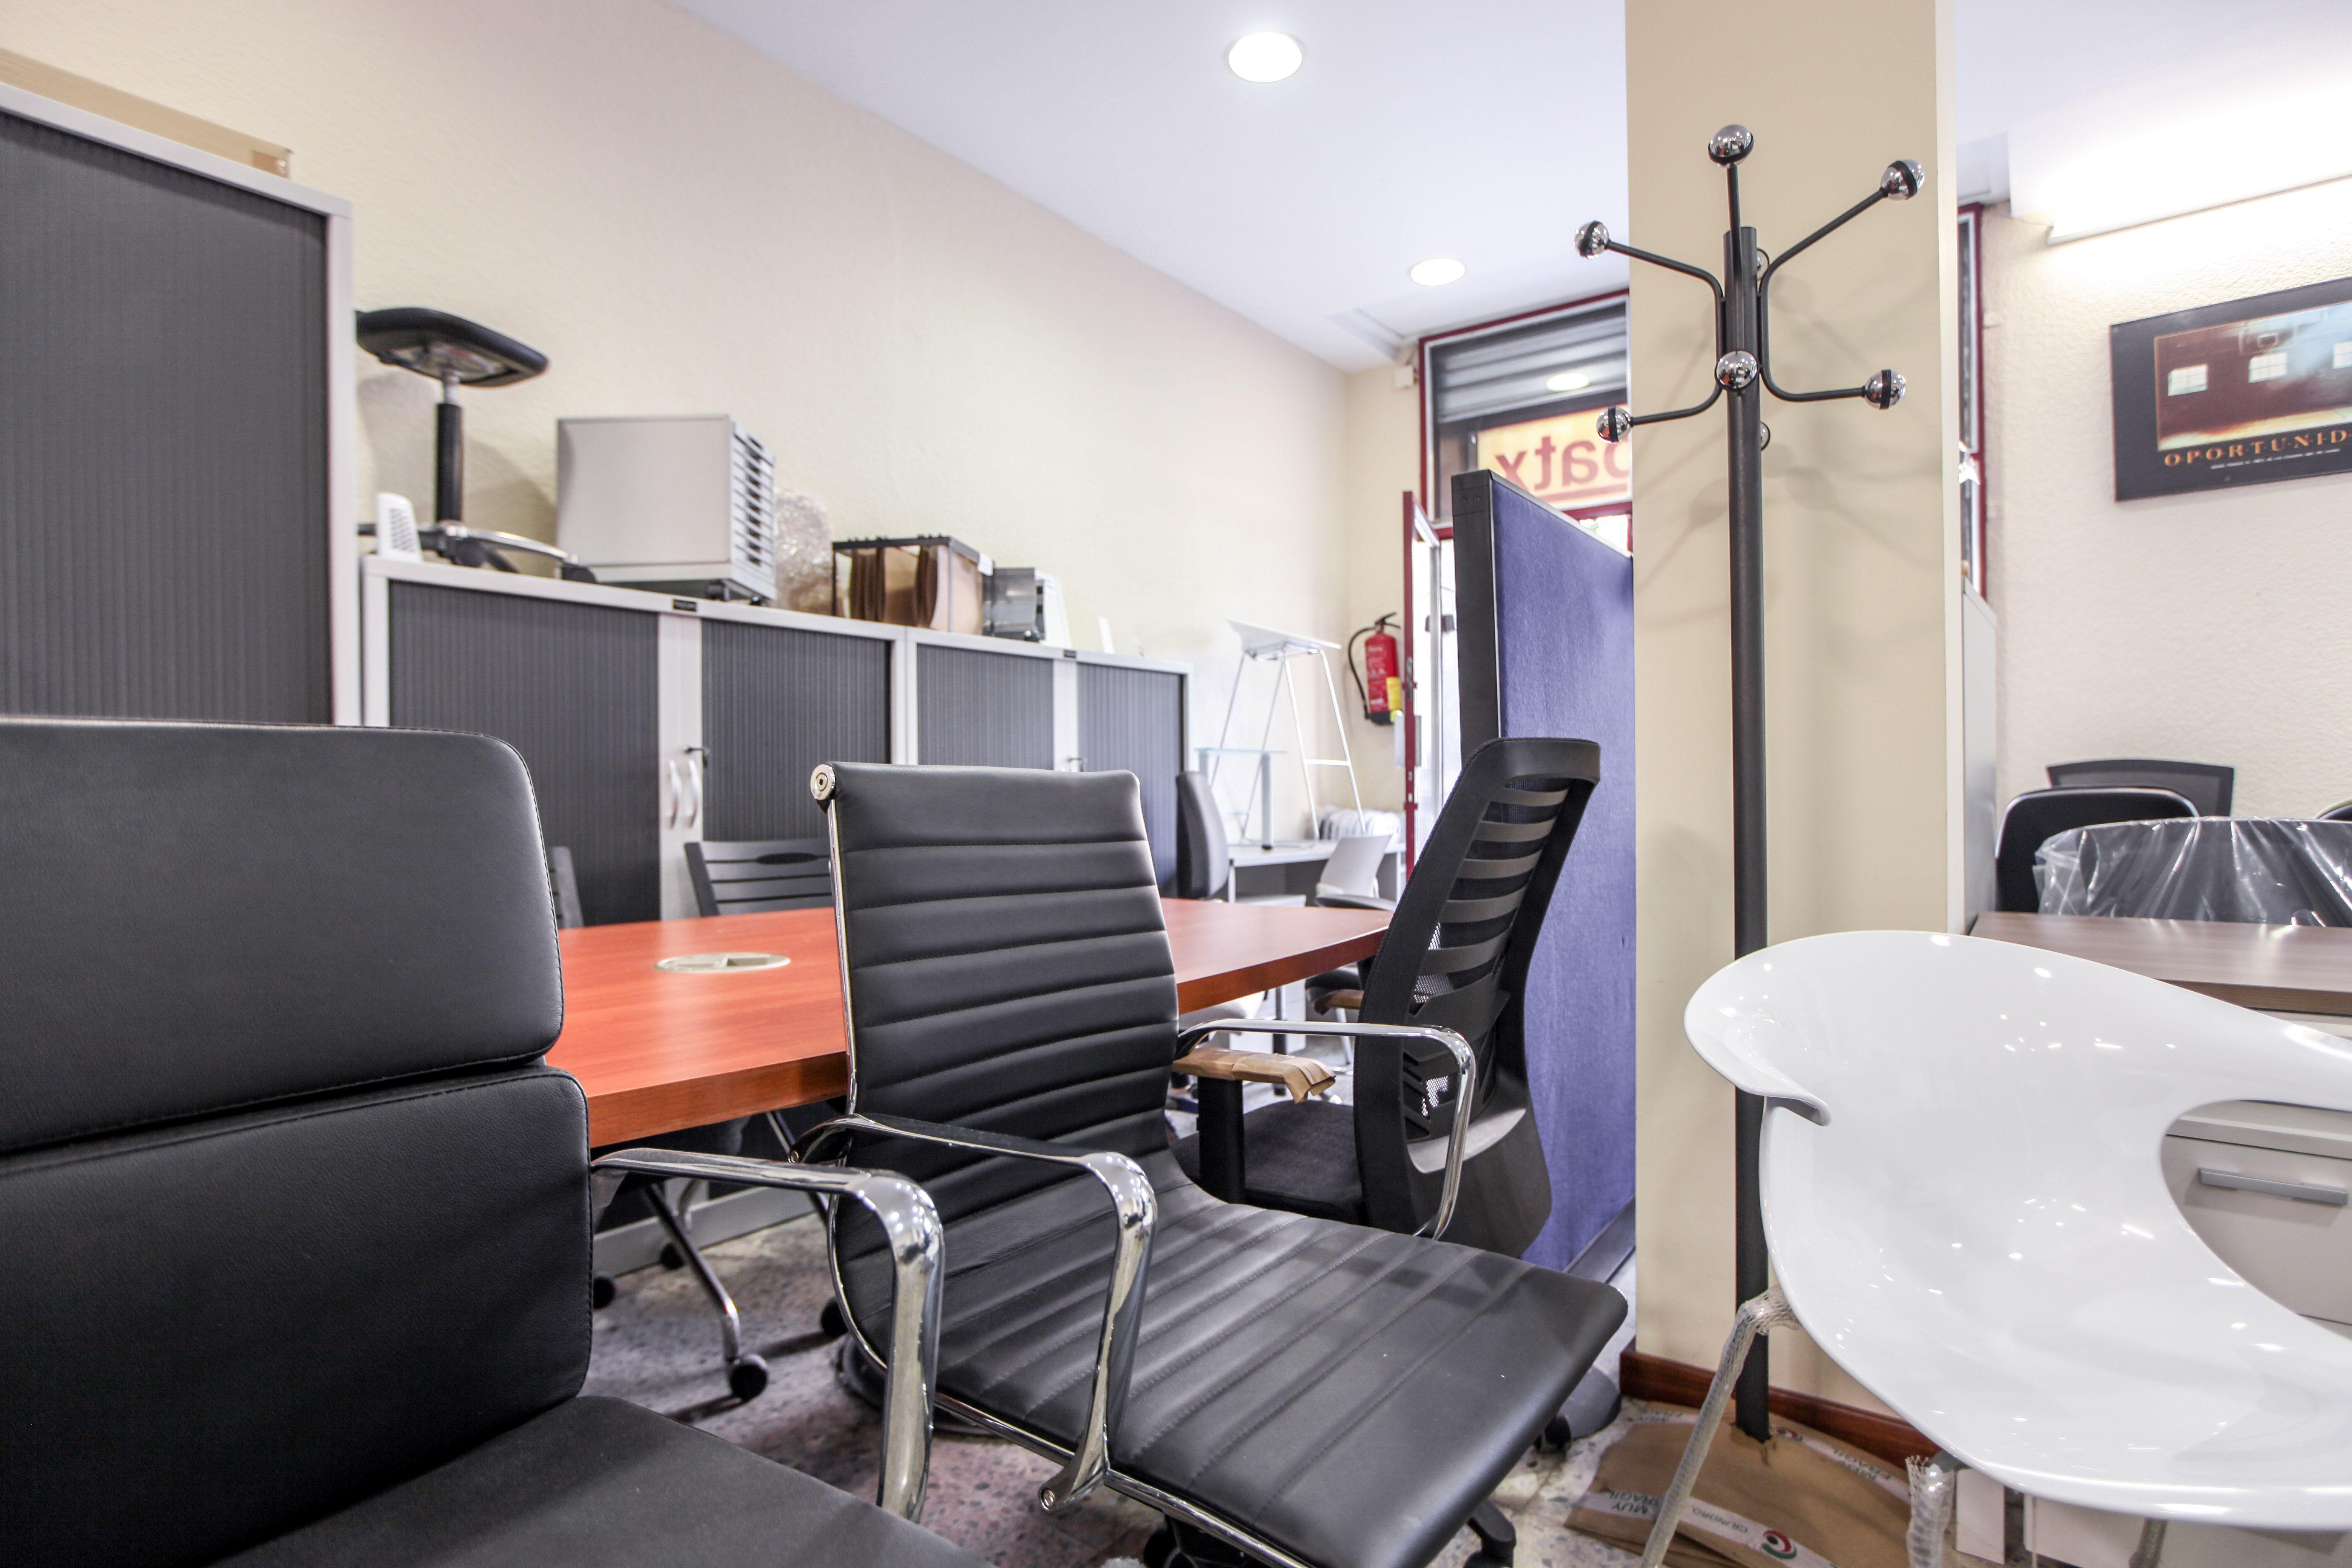 Foto 5 de Mobiliario de oficina en barcelona | Despatx